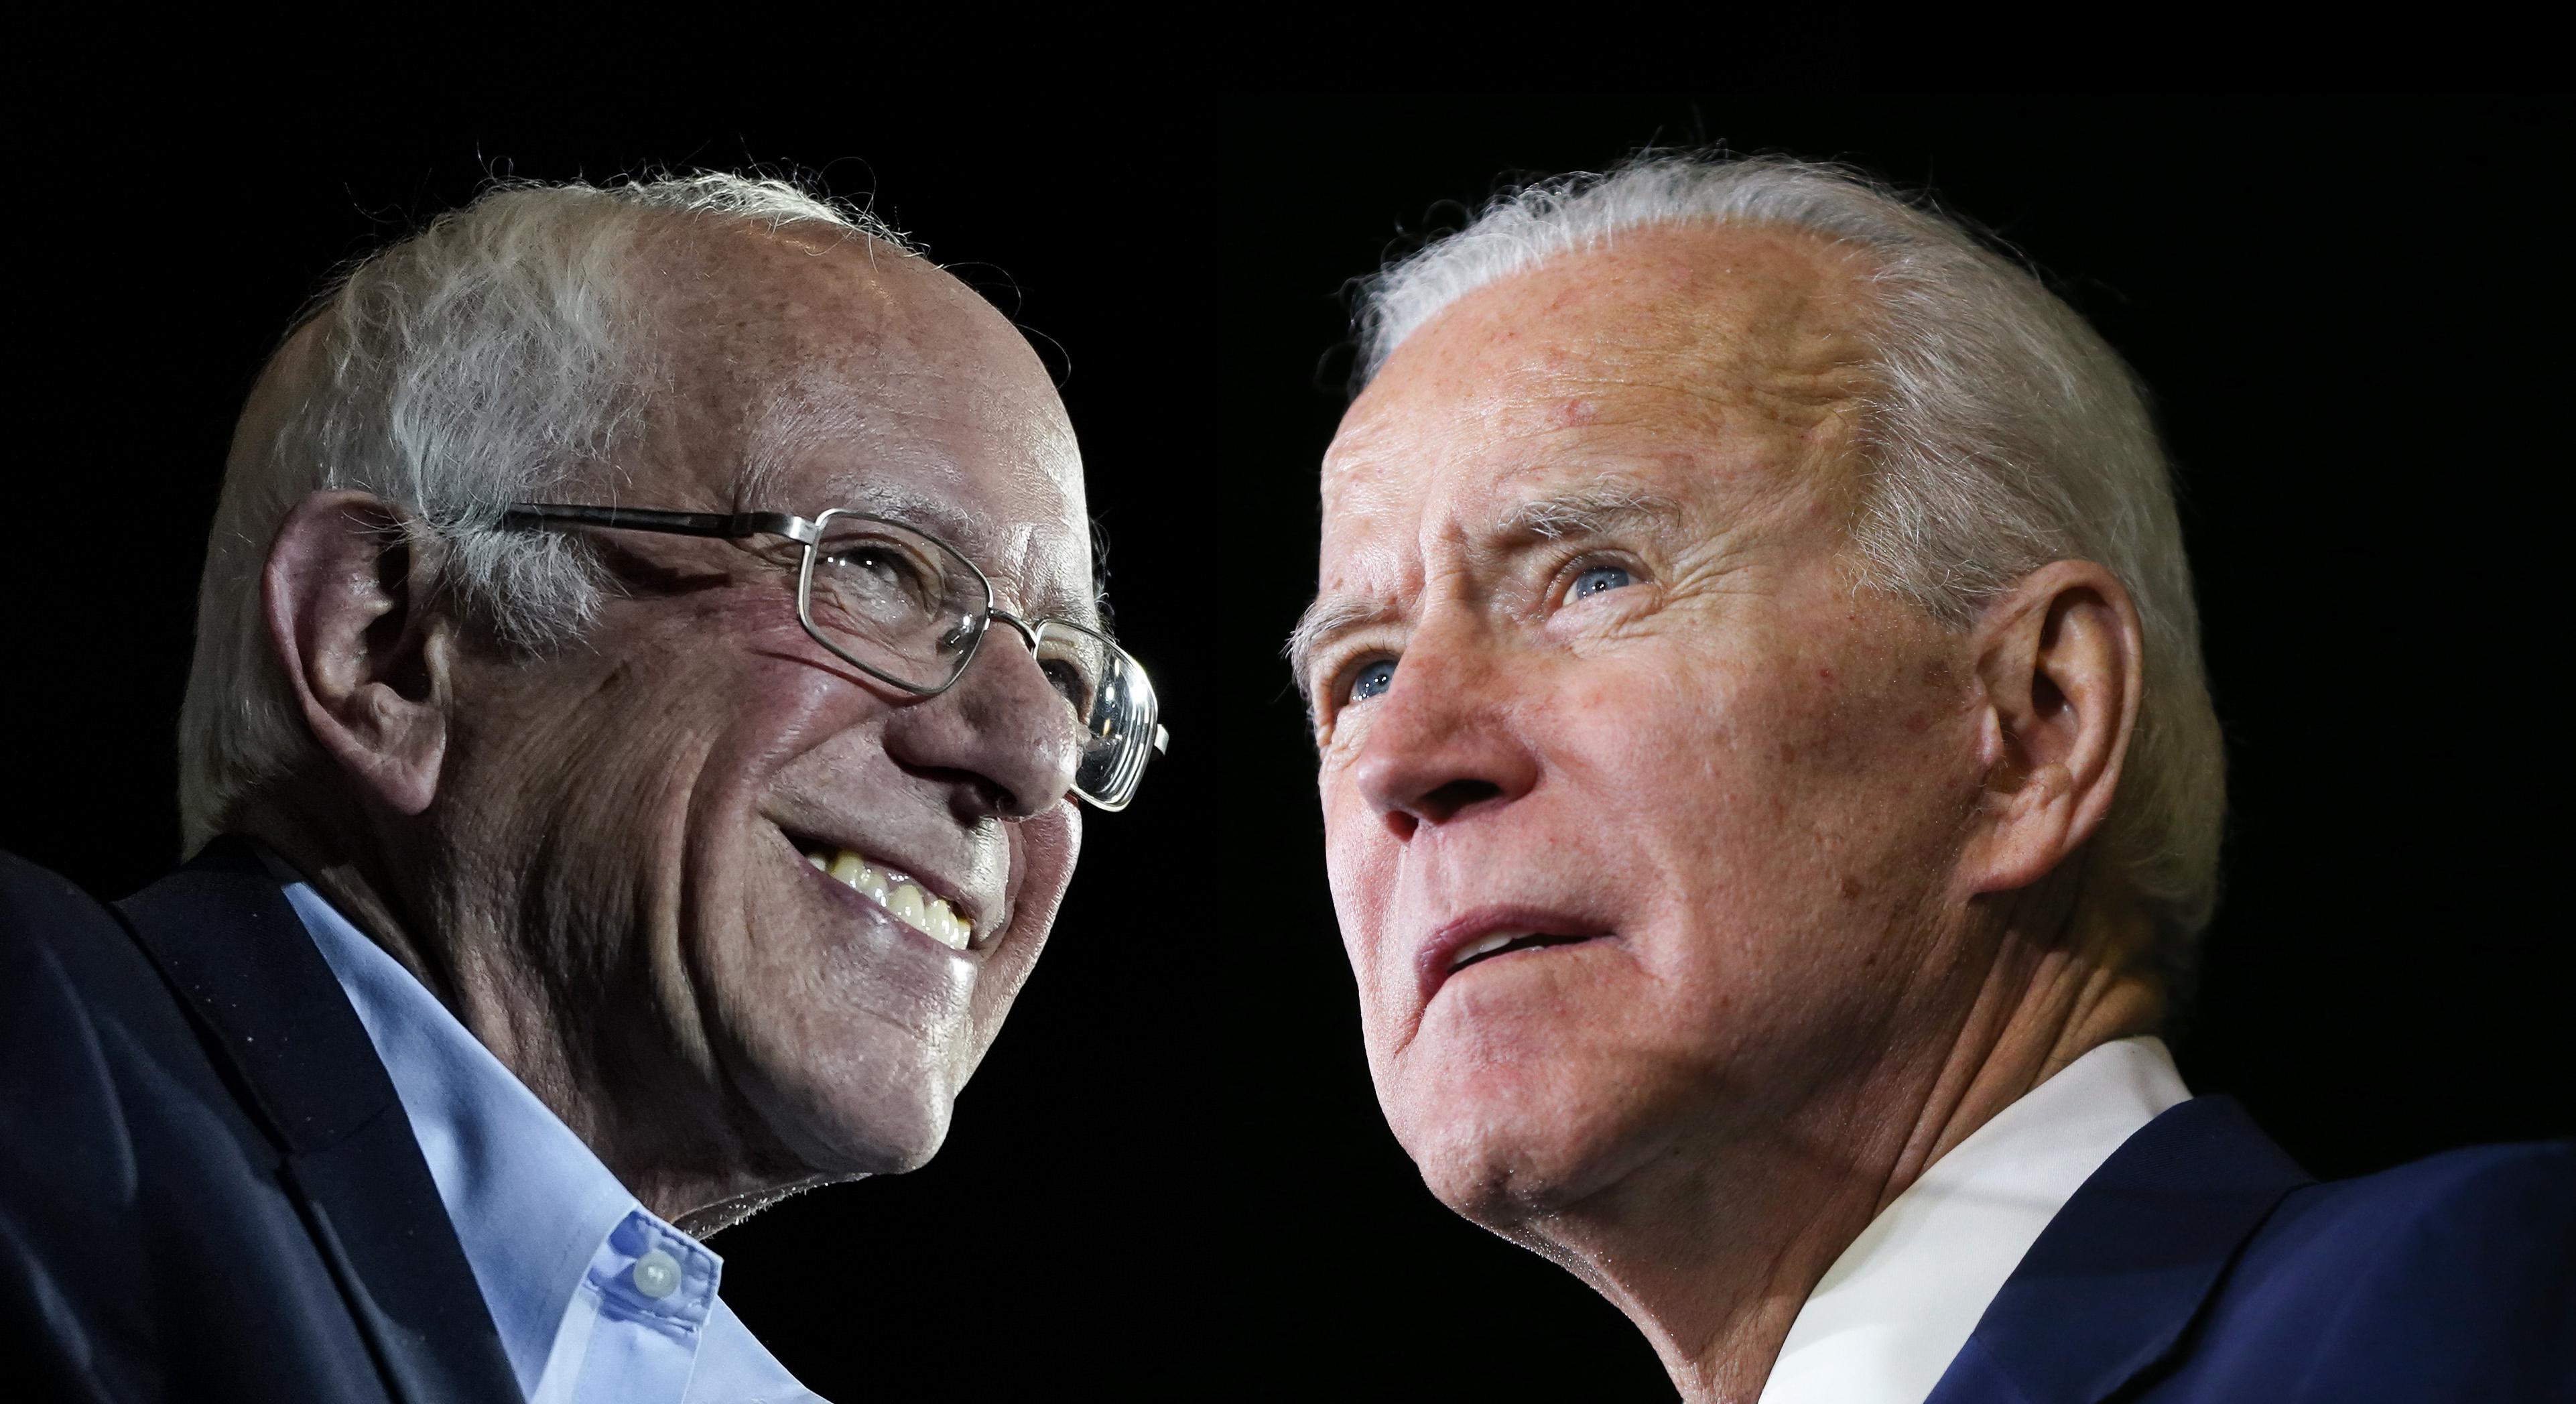 Sanders és Biden párbajává alakult a demokrata elnökjelölési verseny